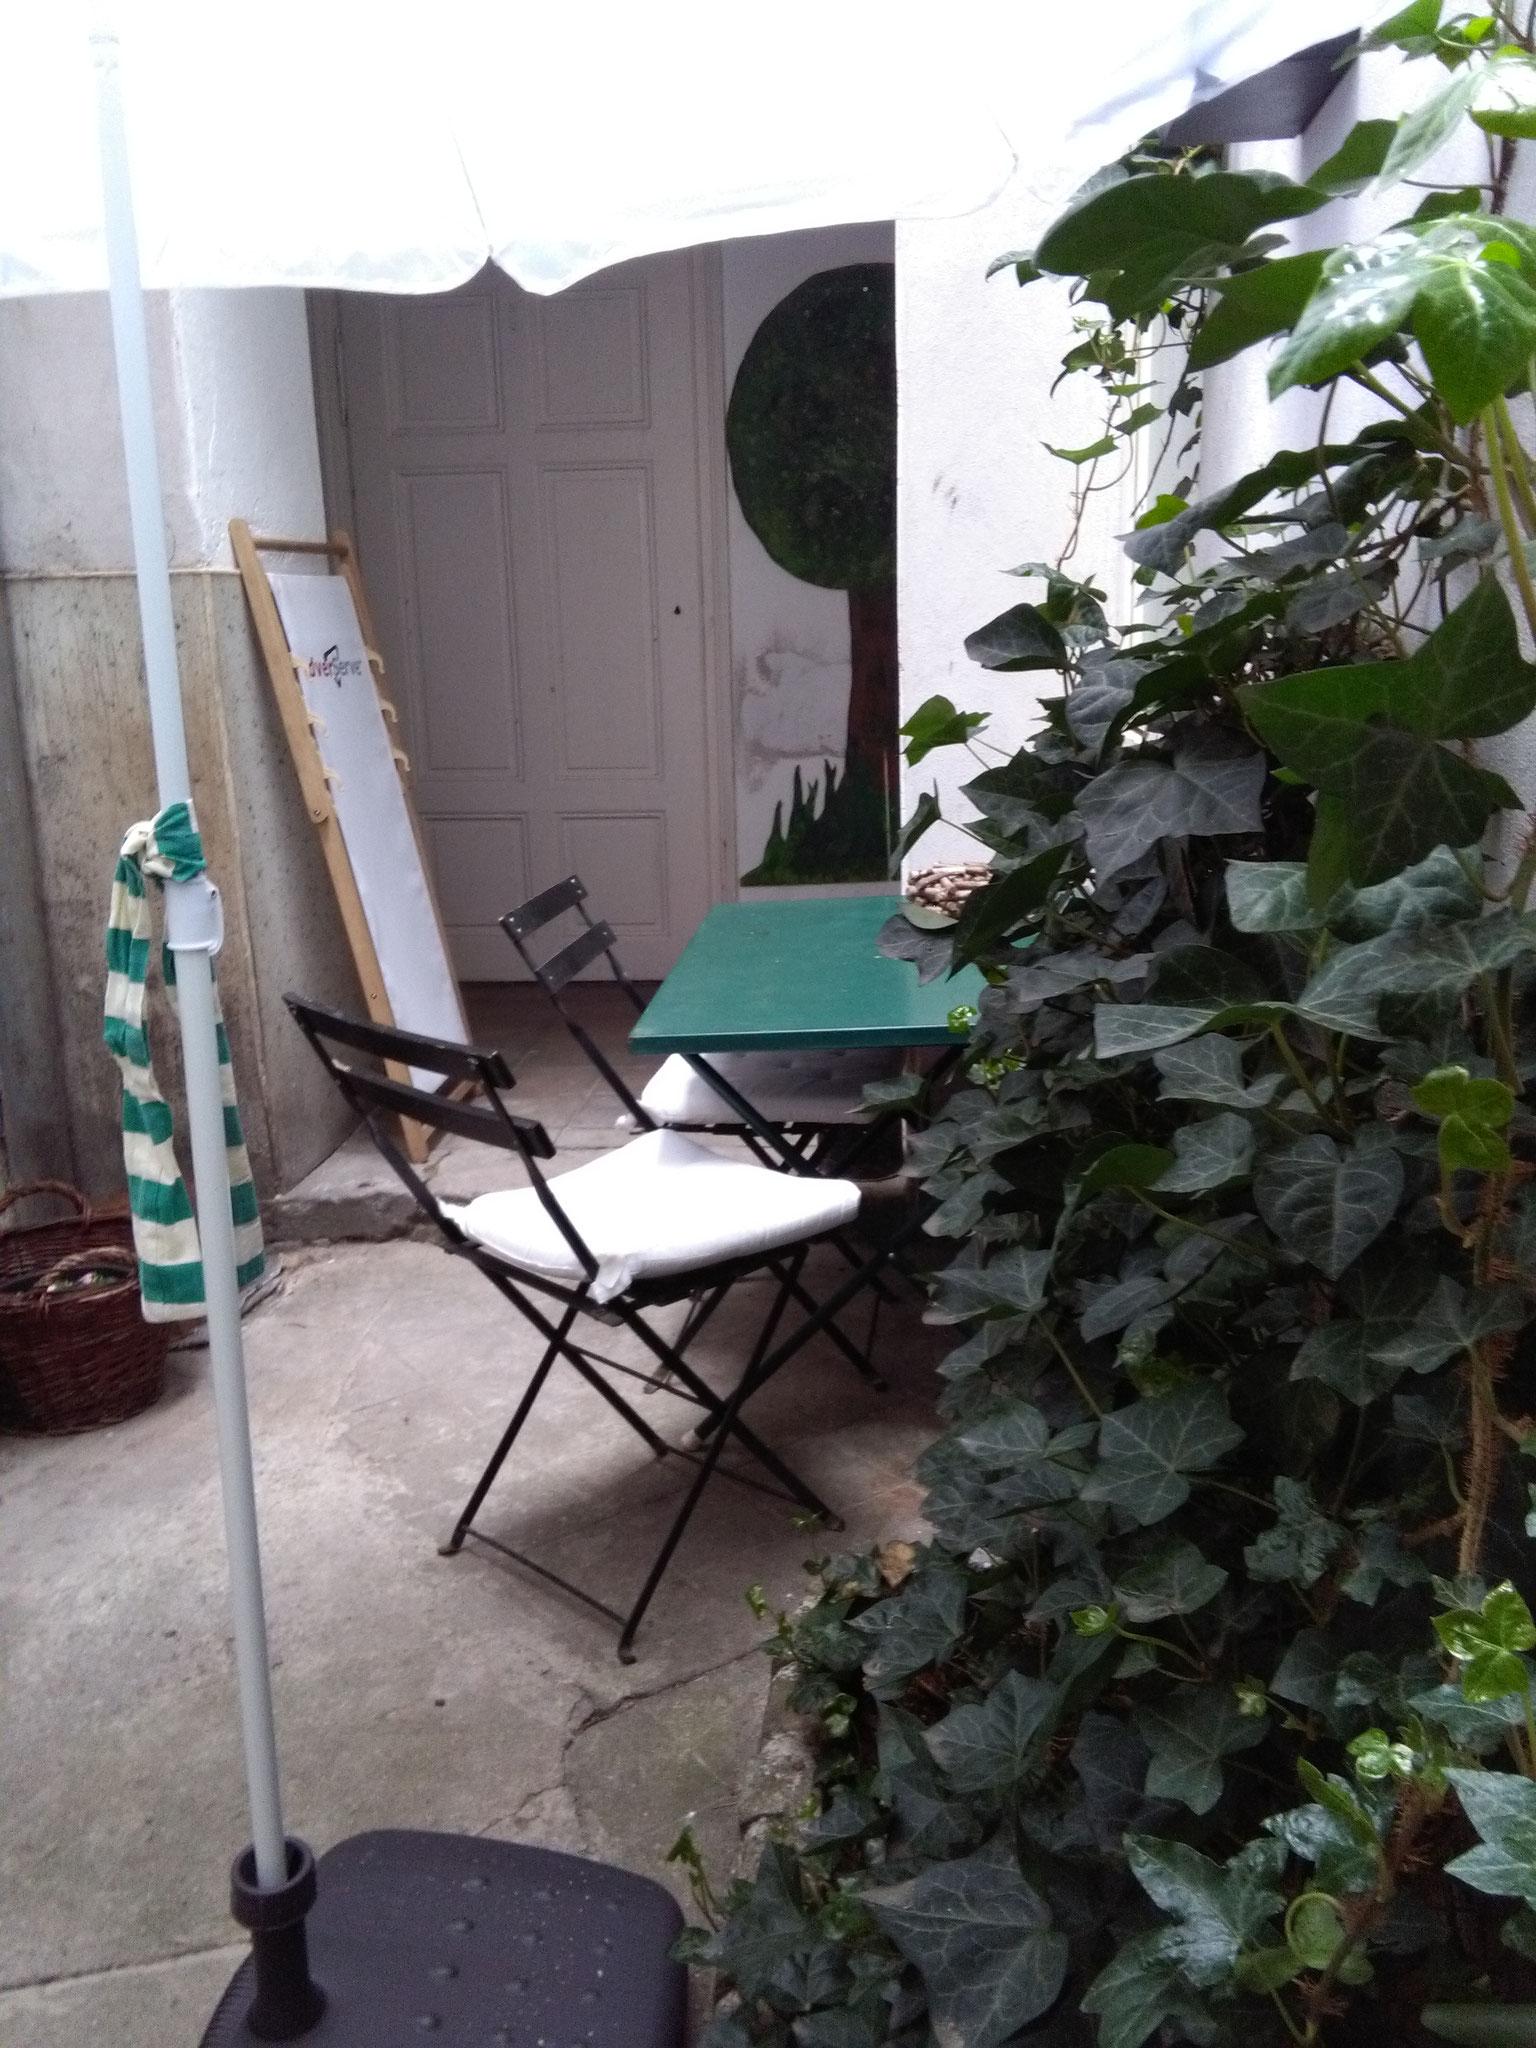 stiller Platz im Innenhof